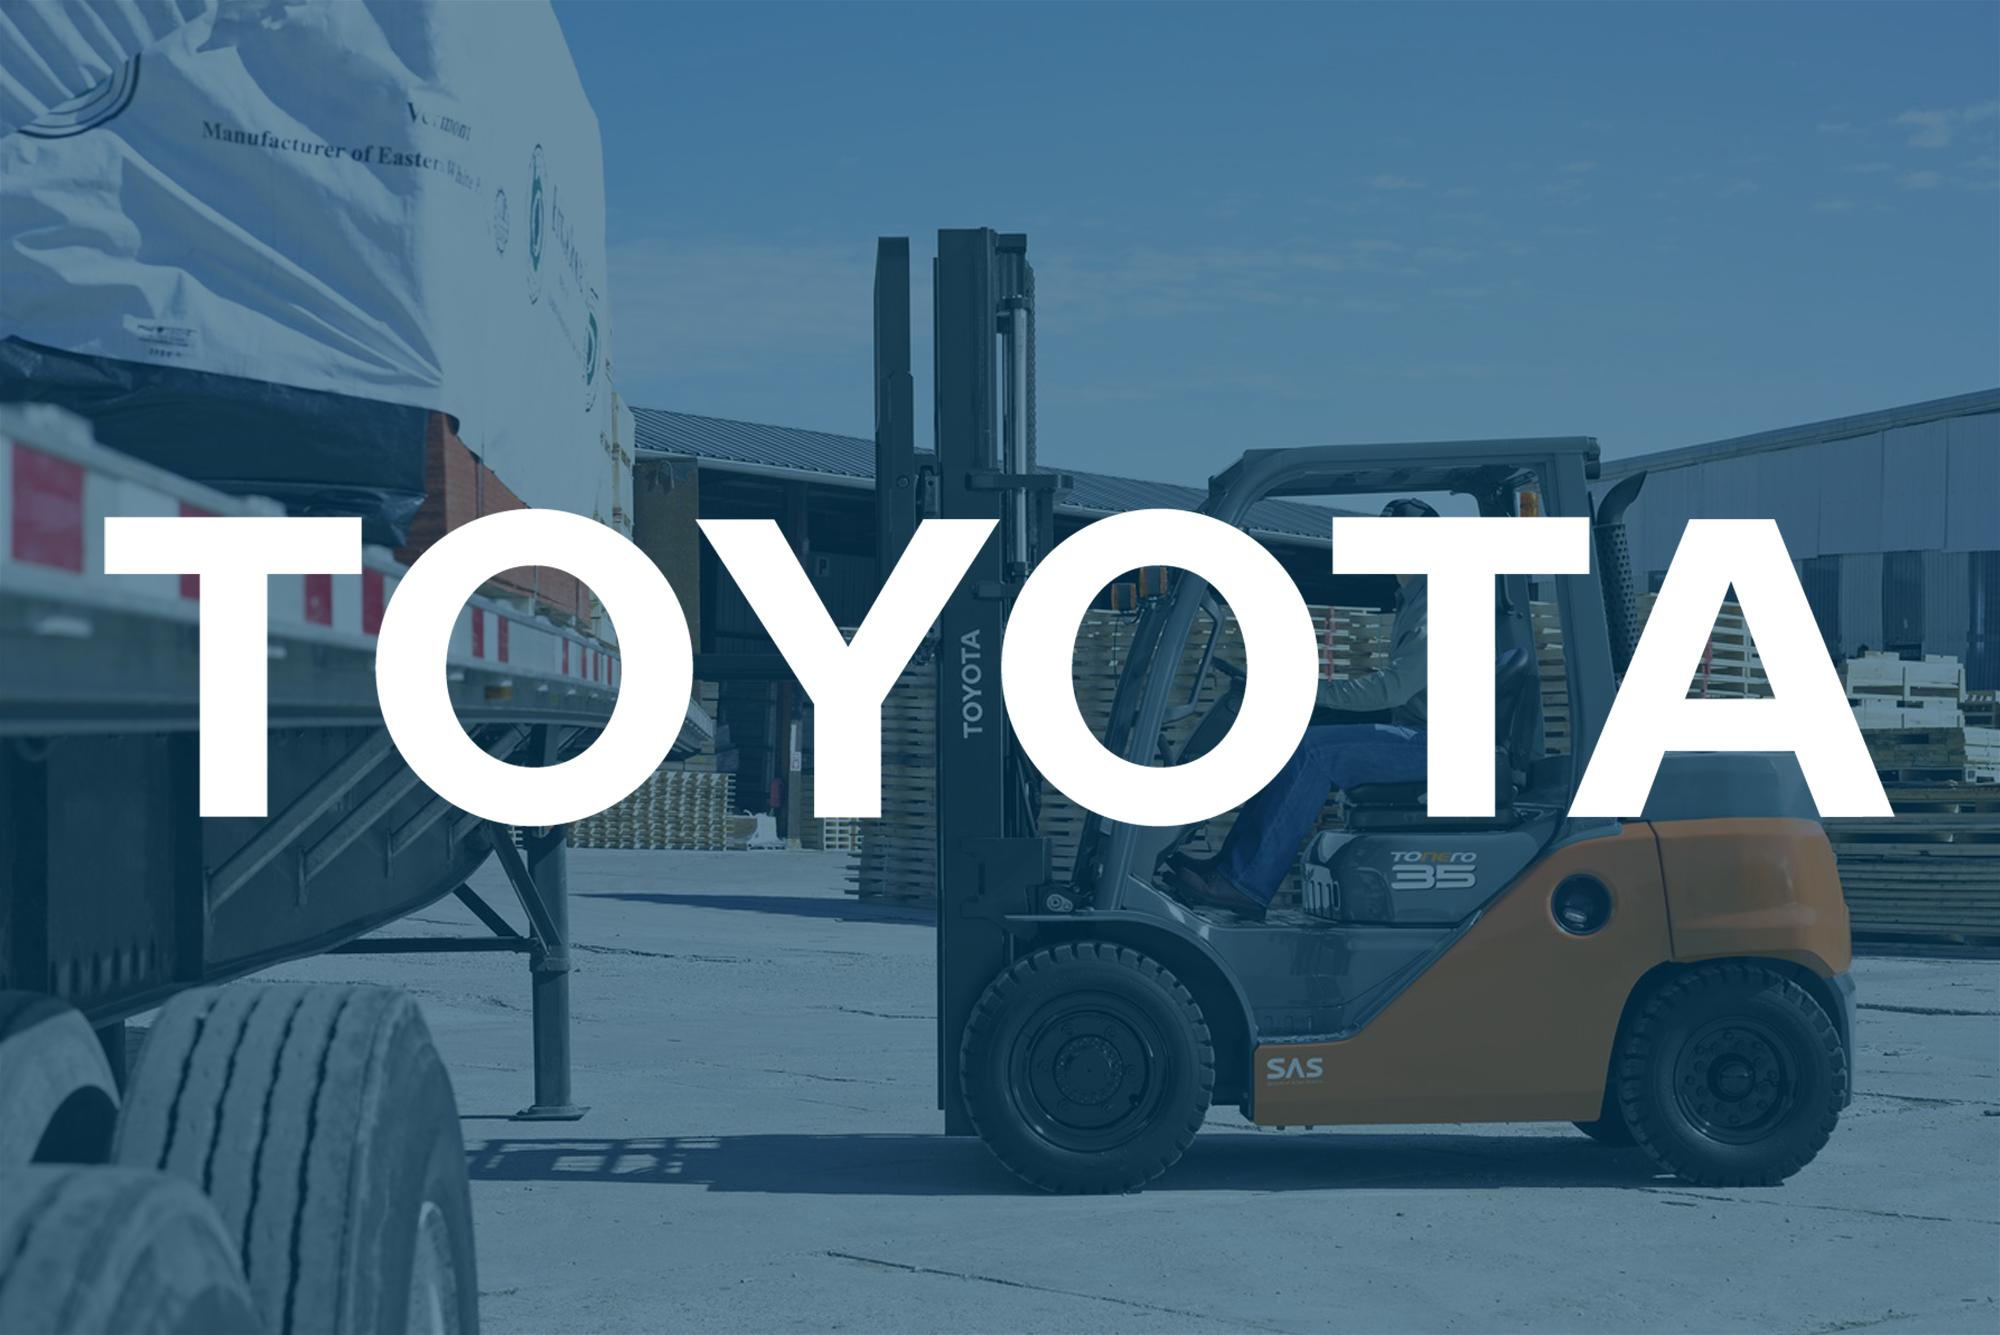 Toyota marques partenaires cimme